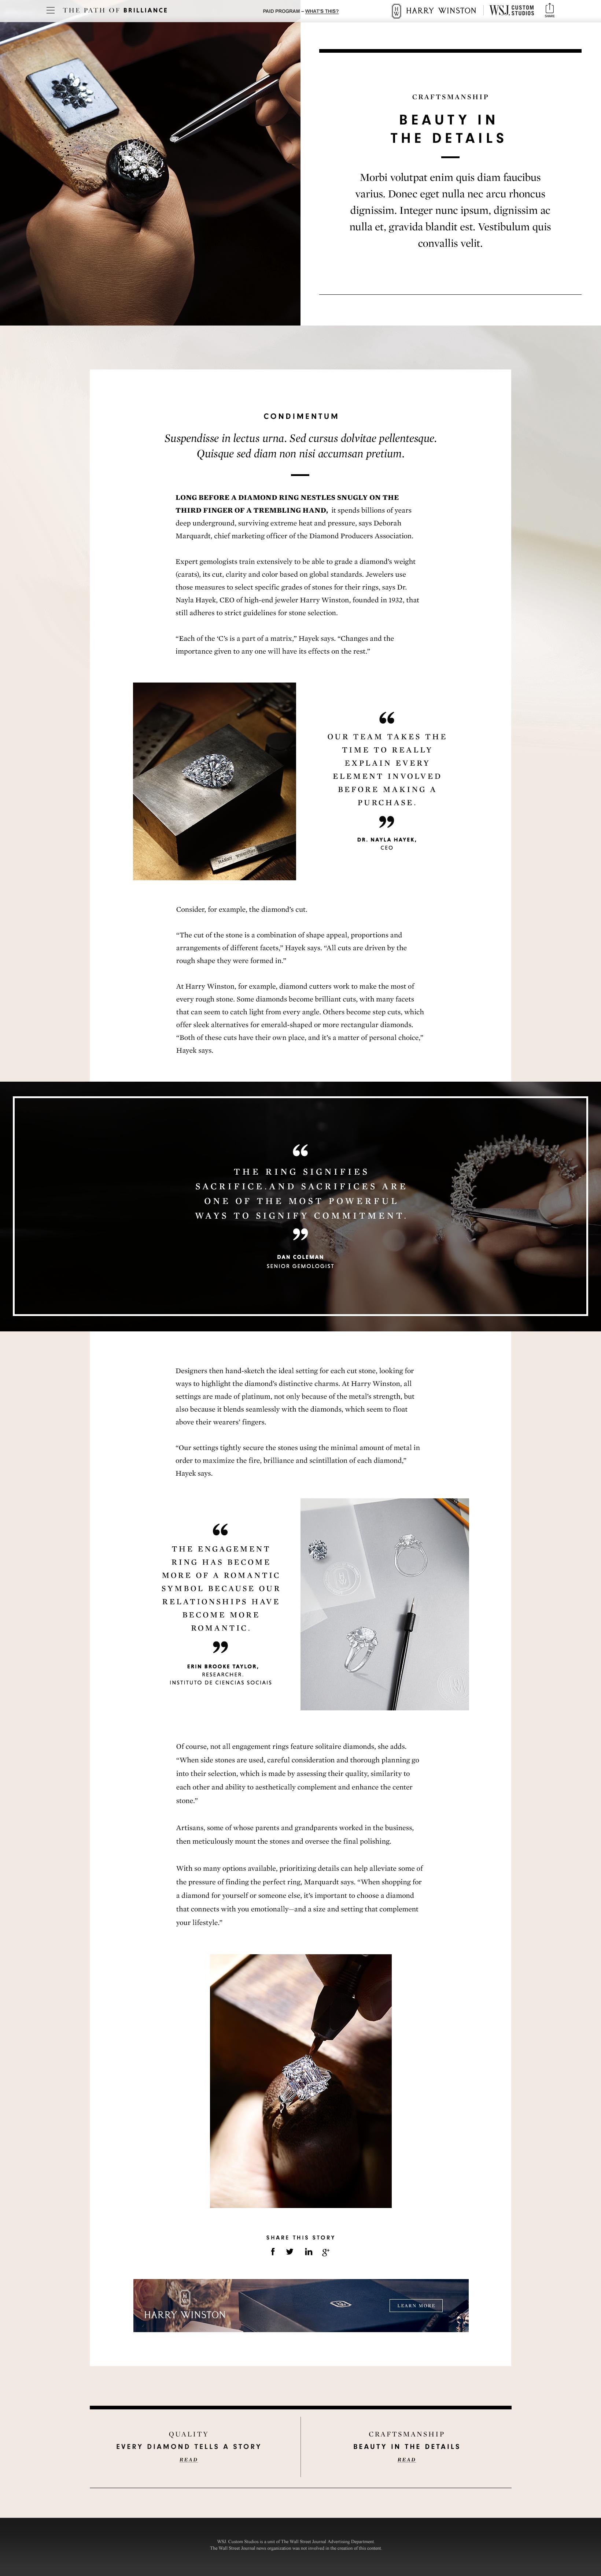 HarryWinston_PathOfBrilliance_Article_Desktop_v4.1_Craftsmanship